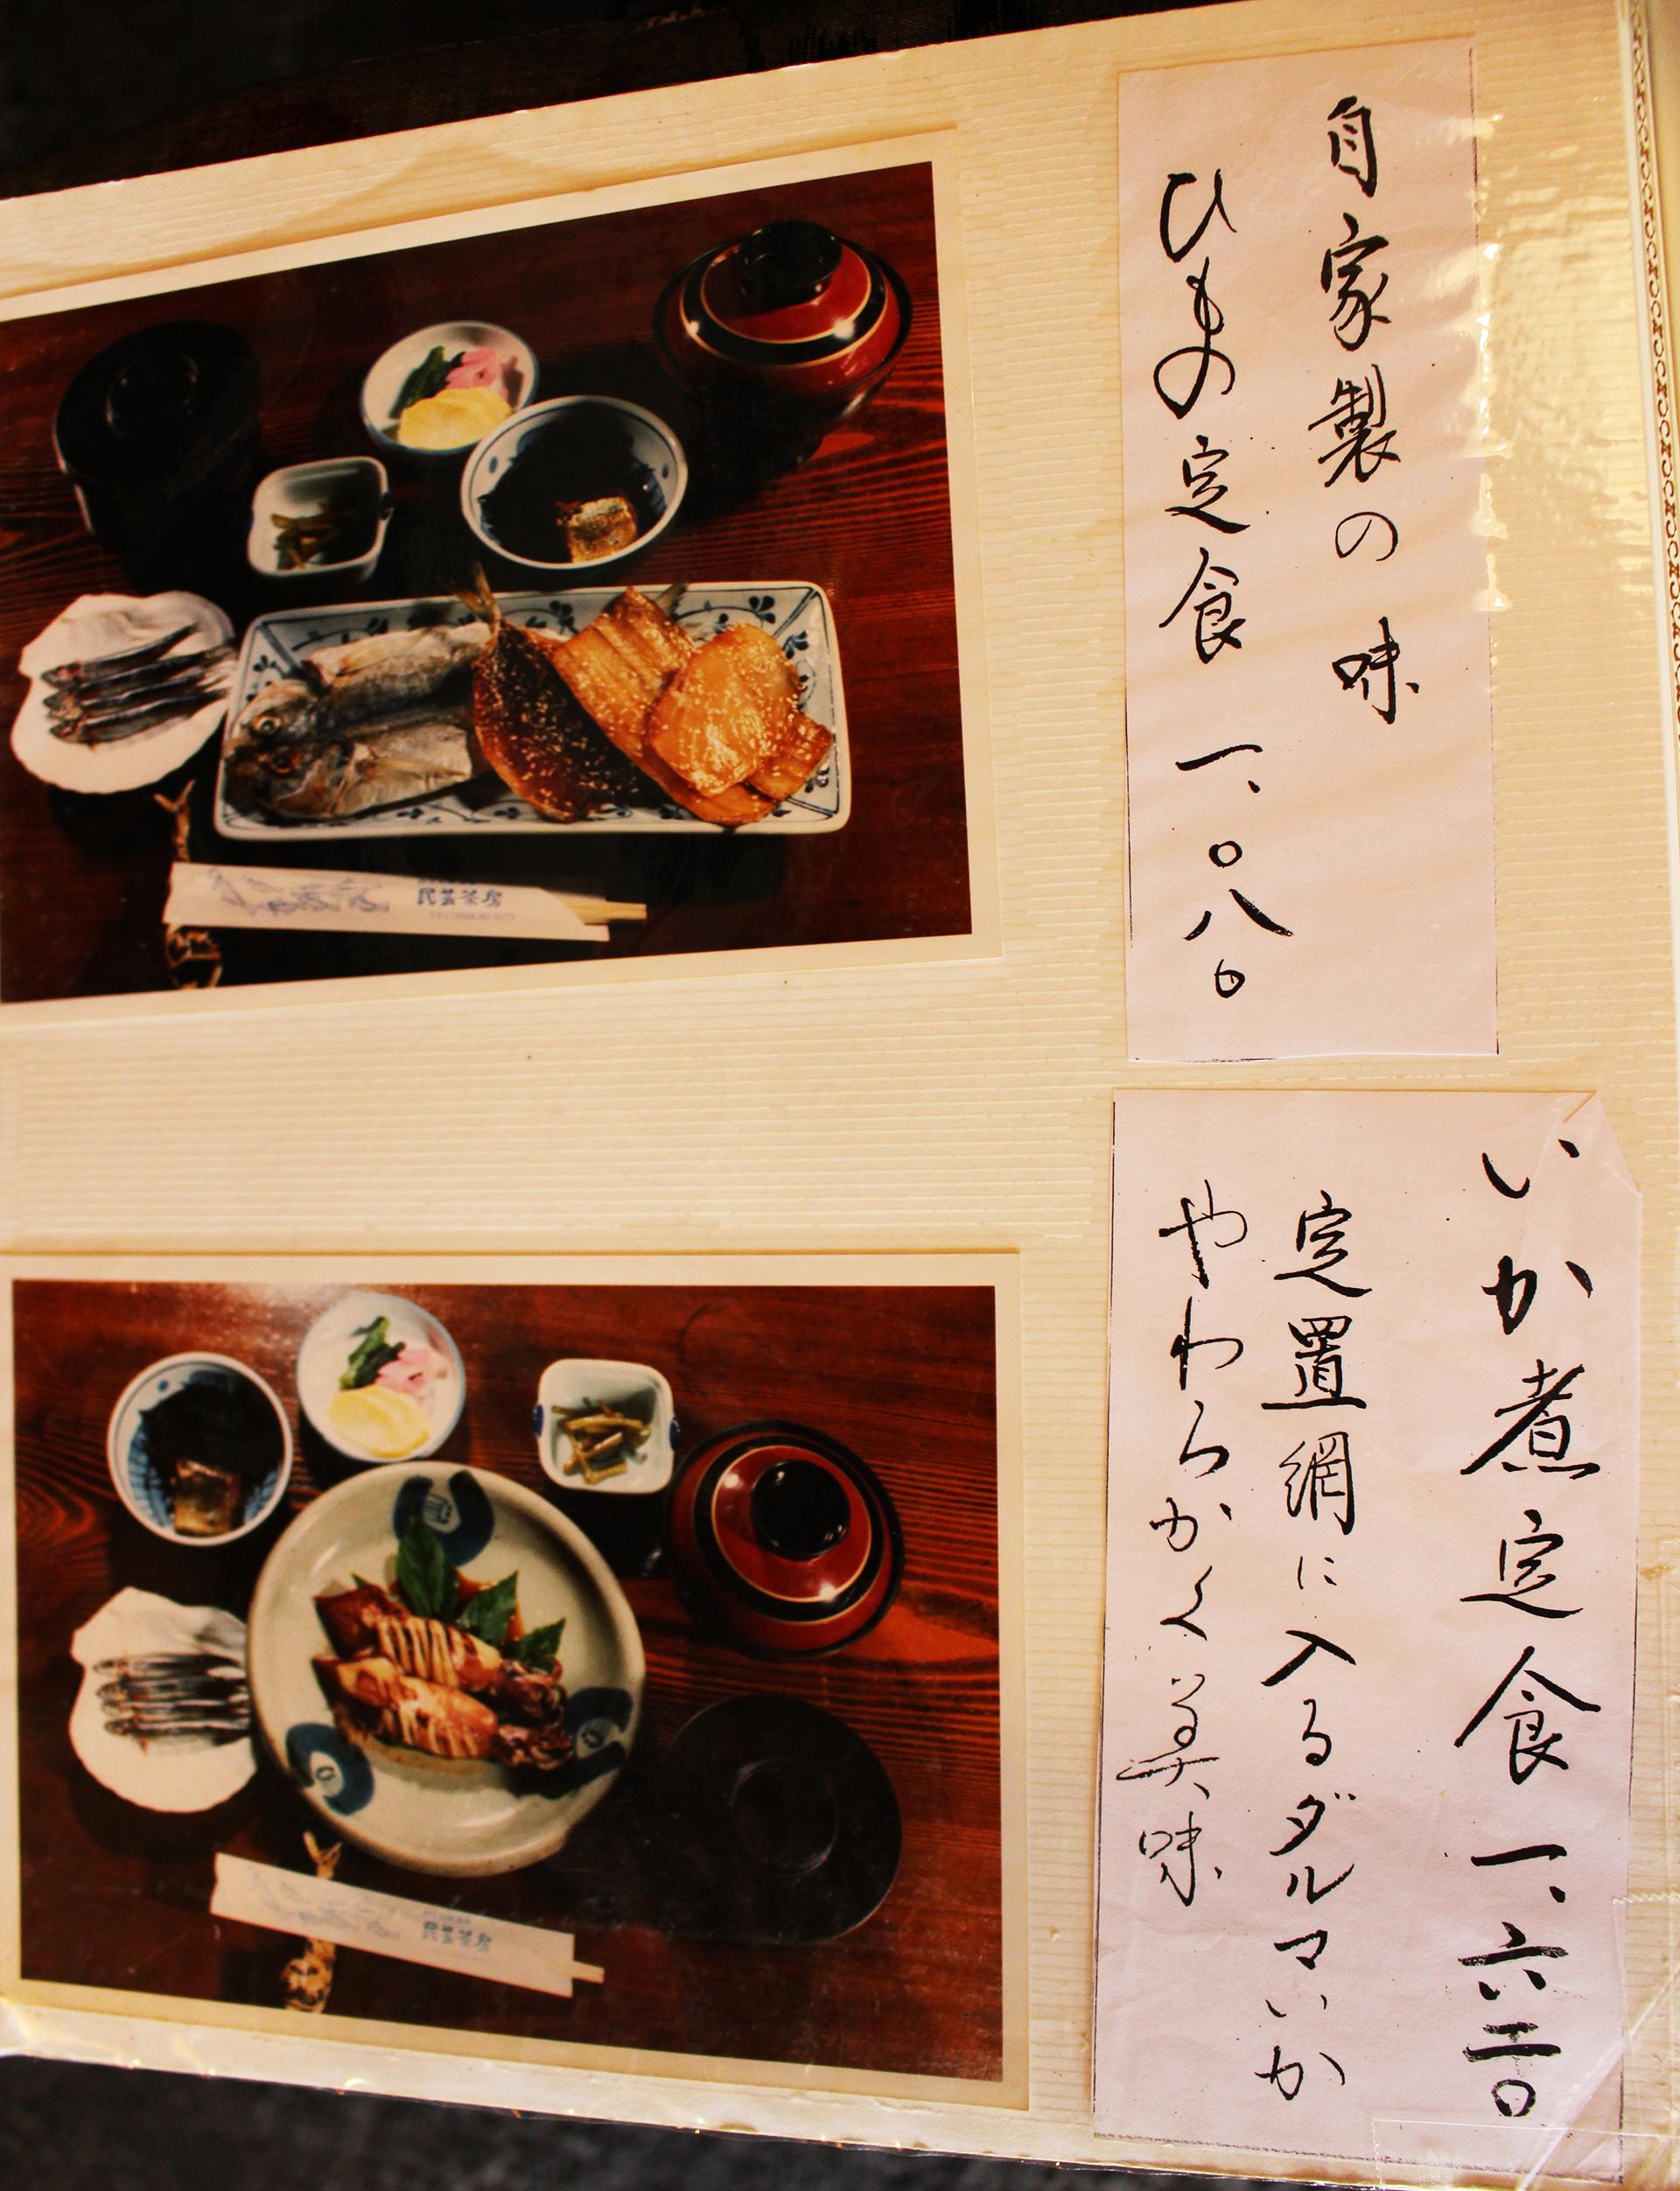 民芸茶房【松崎】地魚の刺身と天城の大木で作った机に感動!メニュー